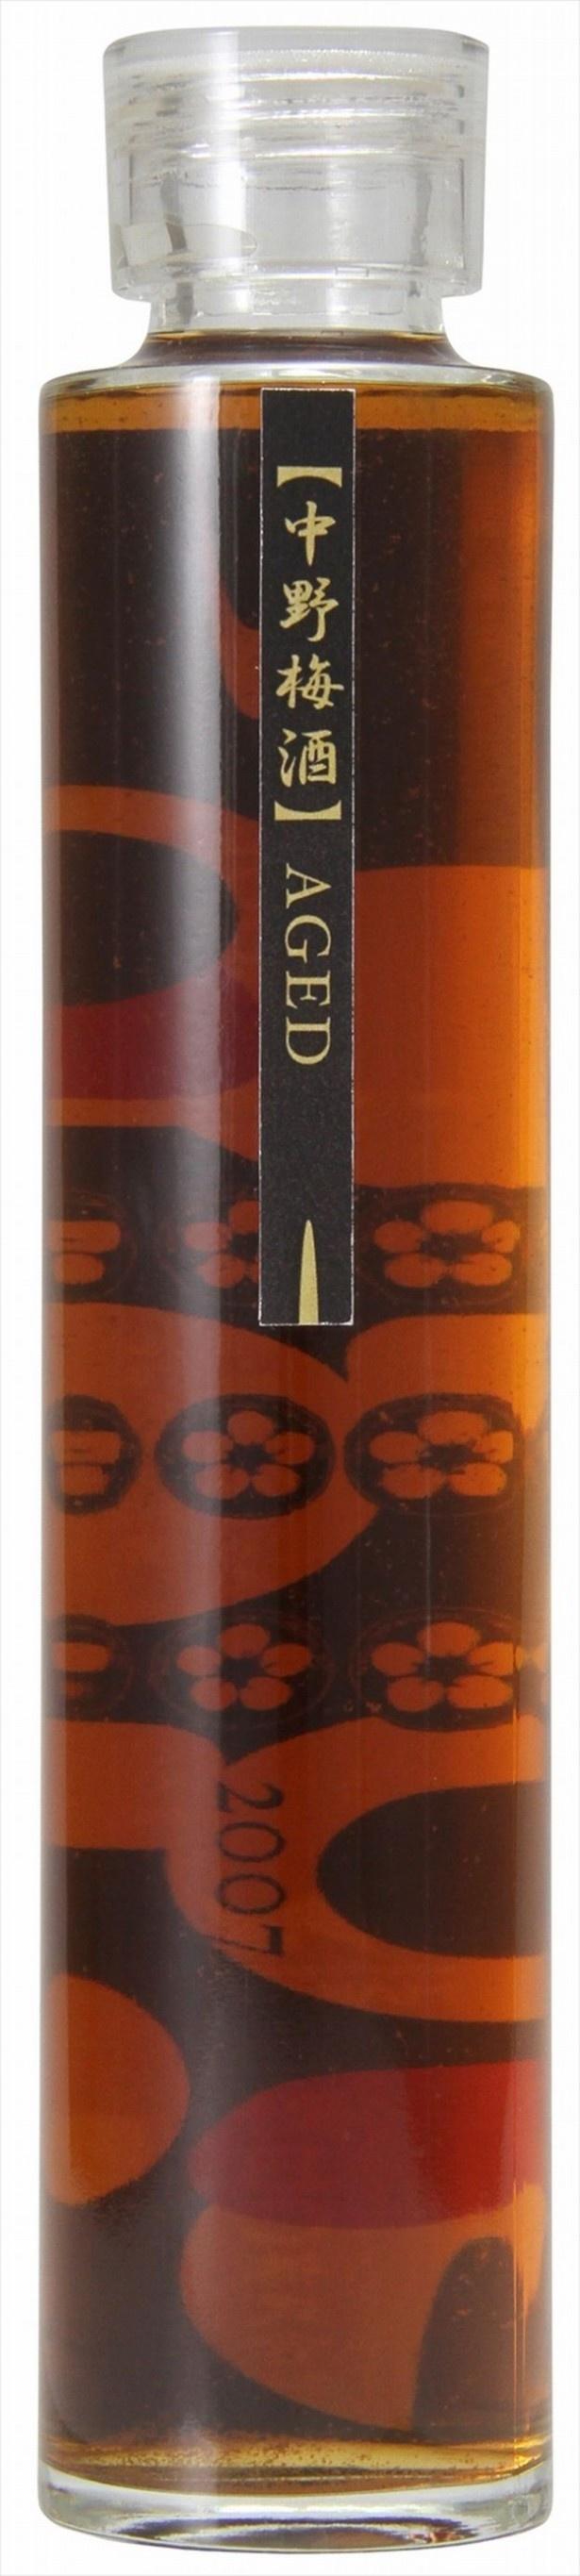 5年熟成の「中野梅酒 AGED(エイジド)2007」